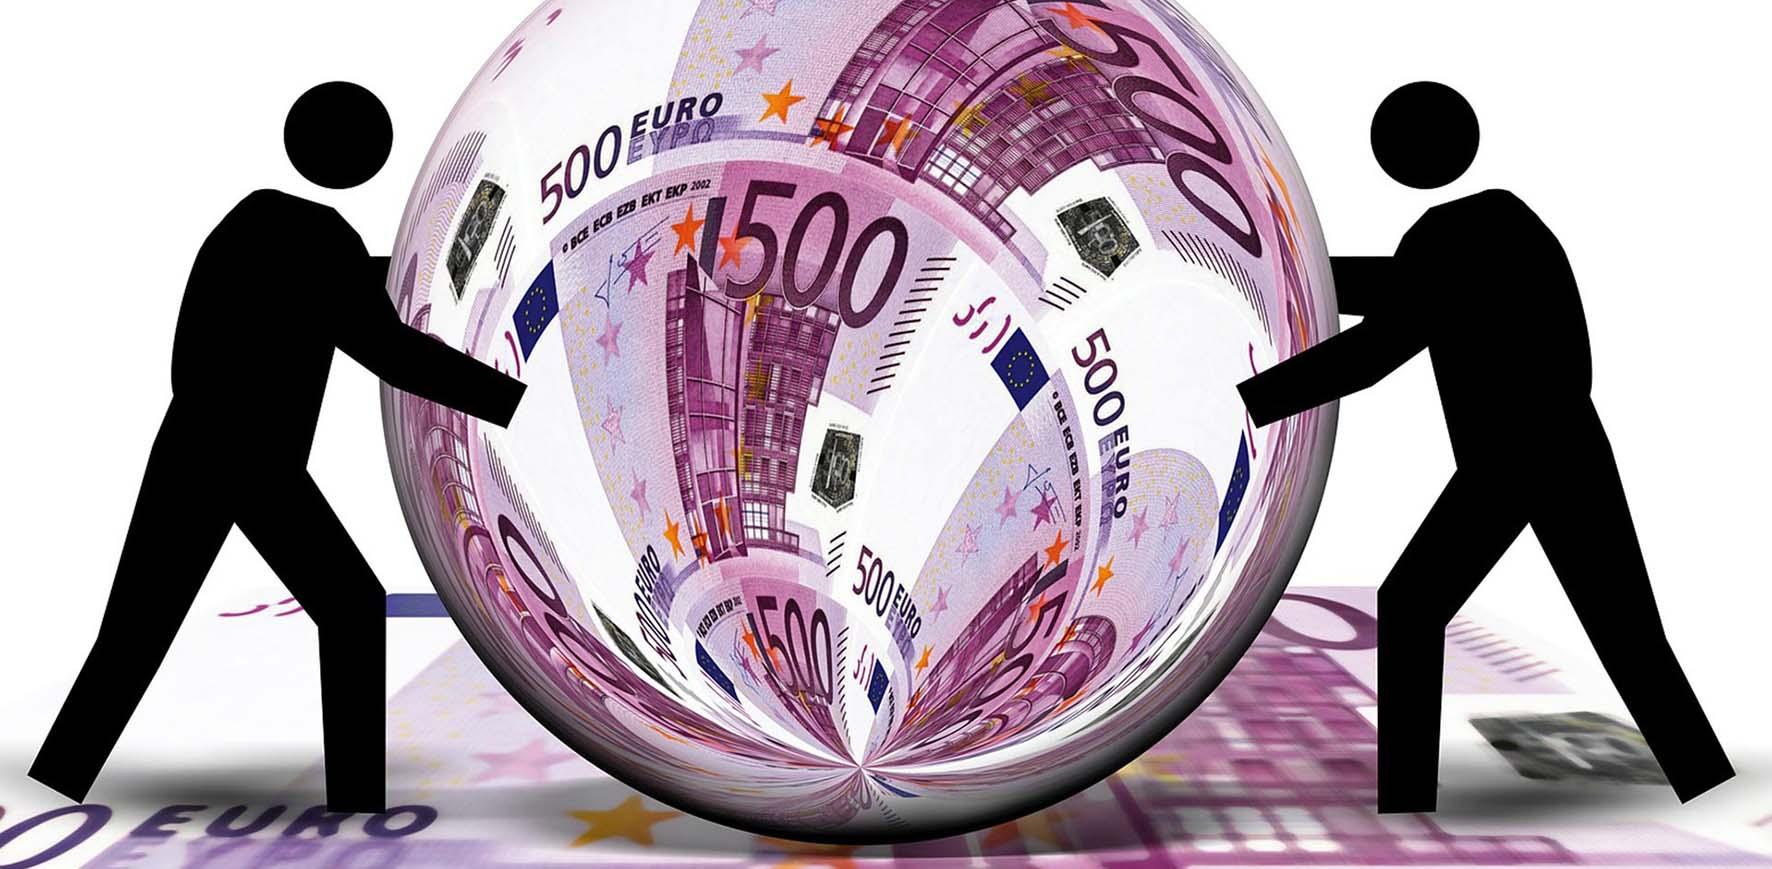 euro soldi sfera biglietto 500